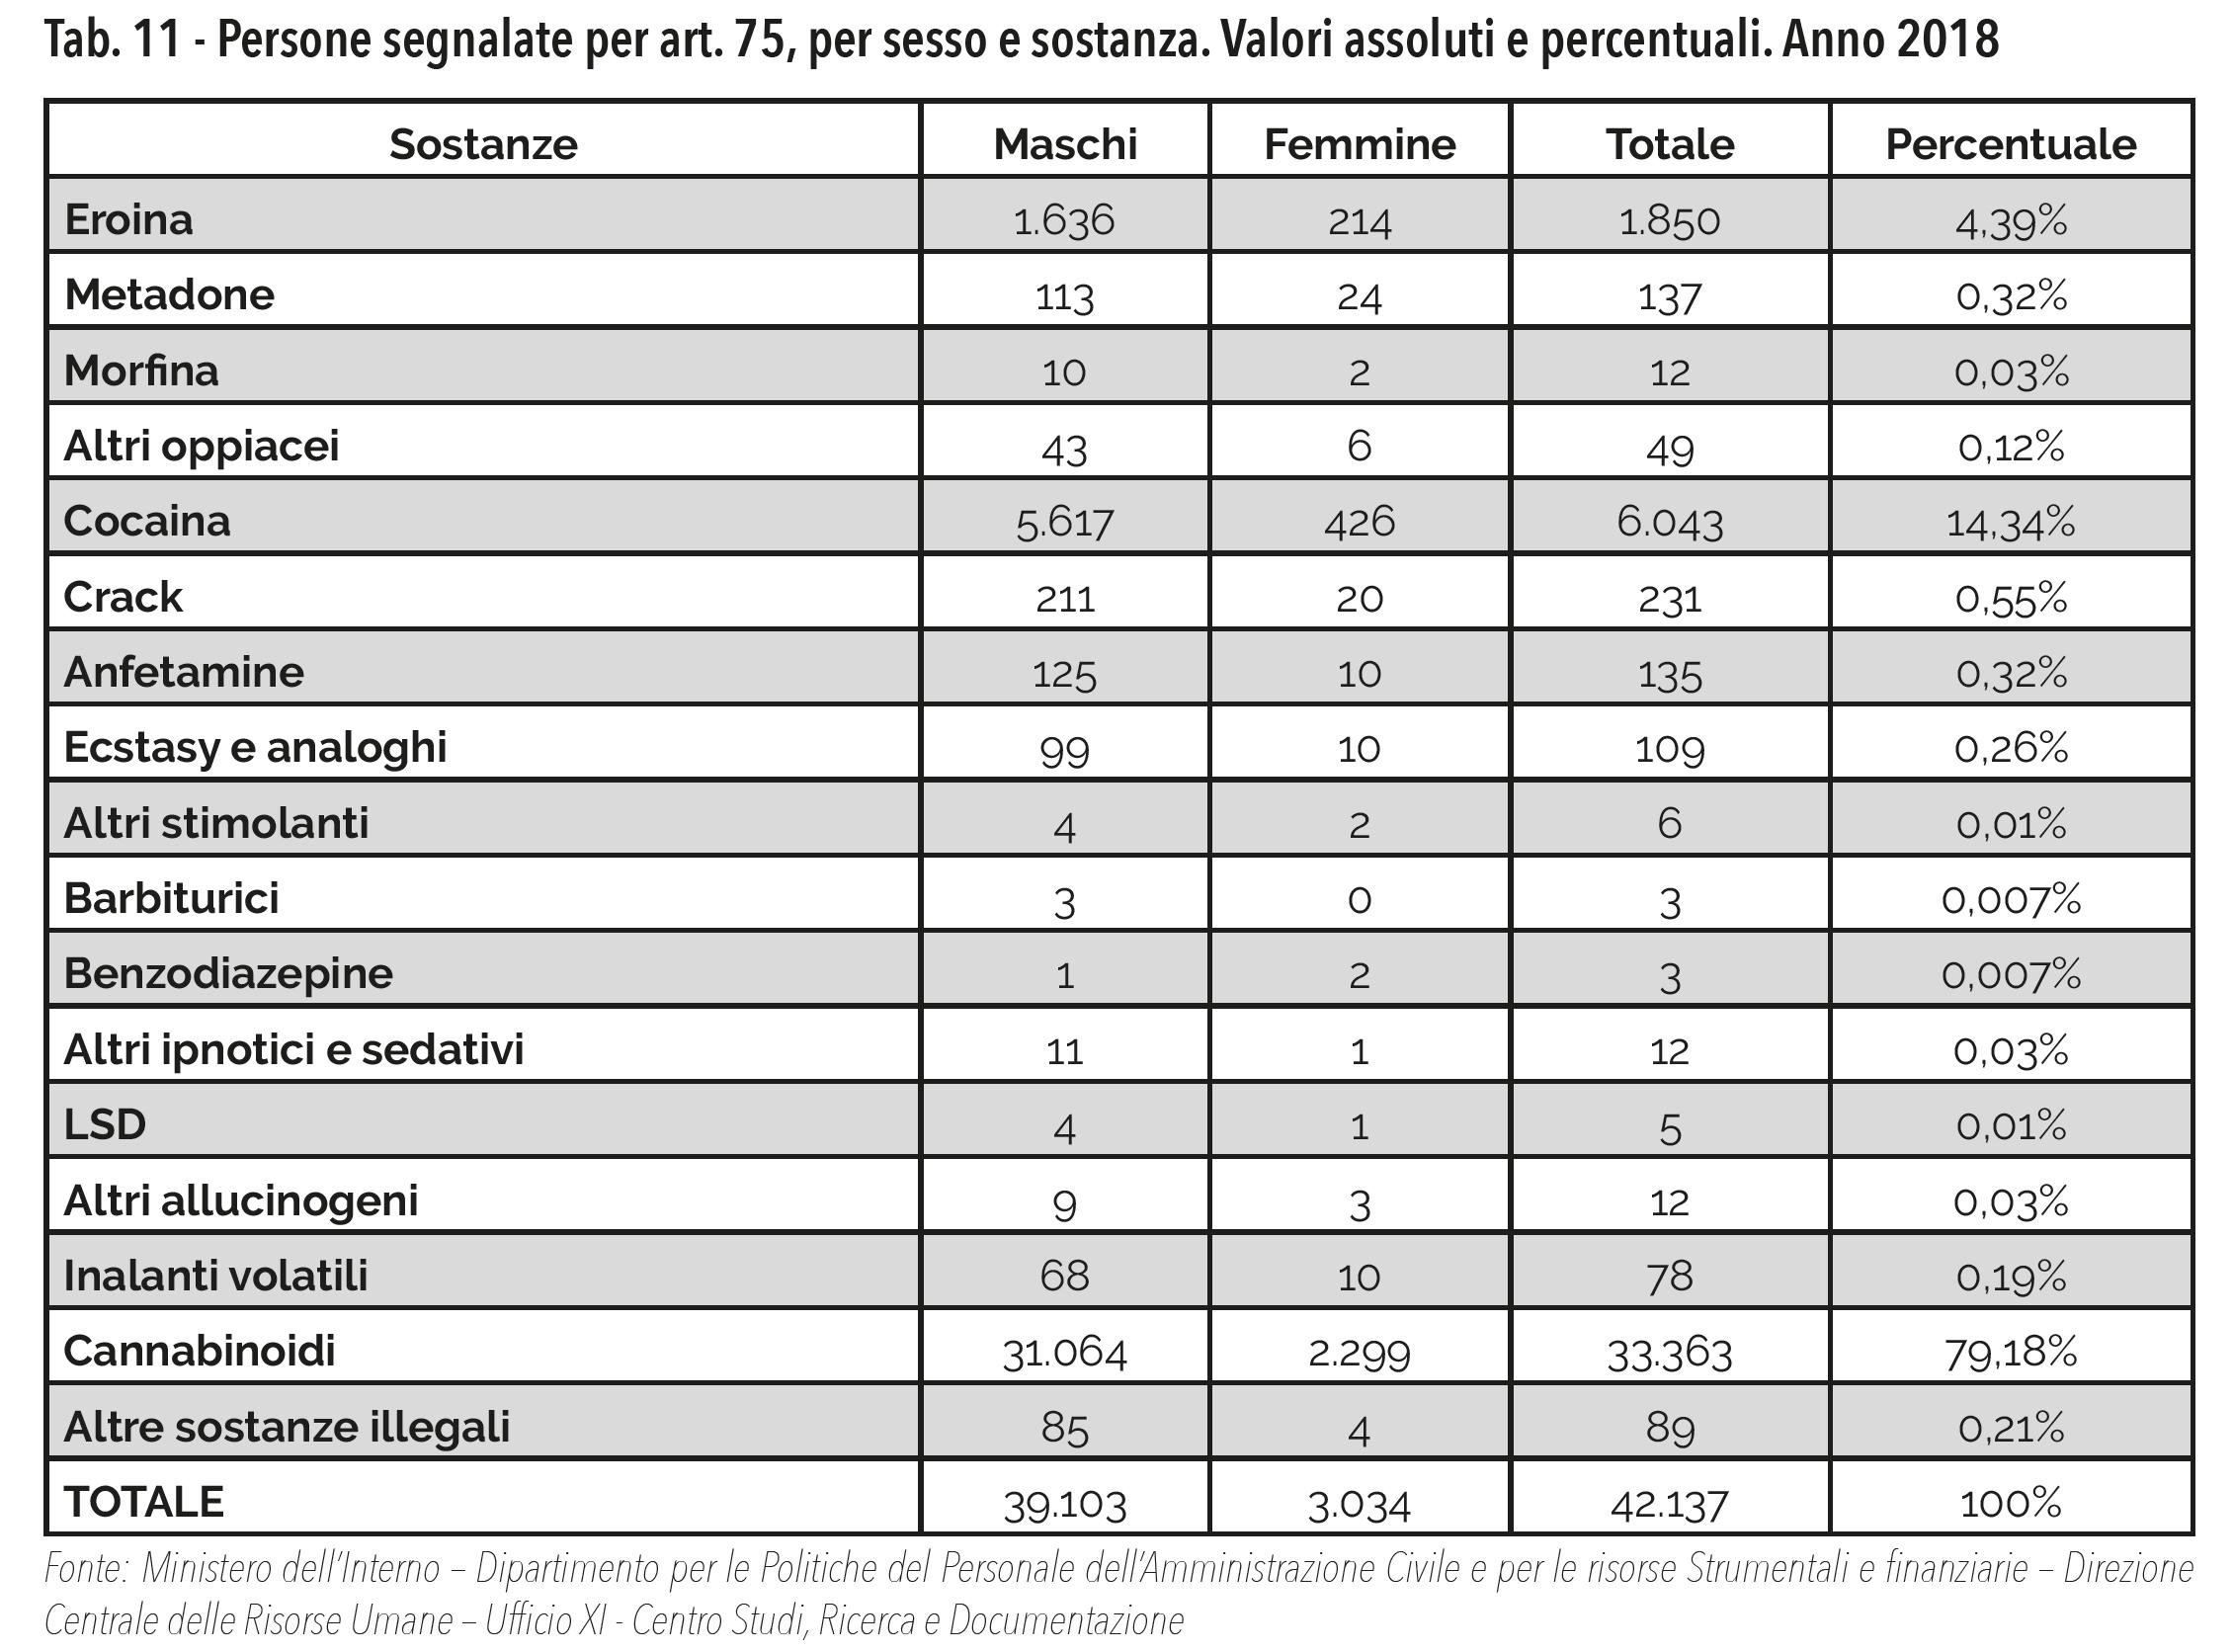 Tab. 11 - Persone segnalate per art. 75, per sesso e sostanza. Valori assoluti e percentuali. Anno 2018